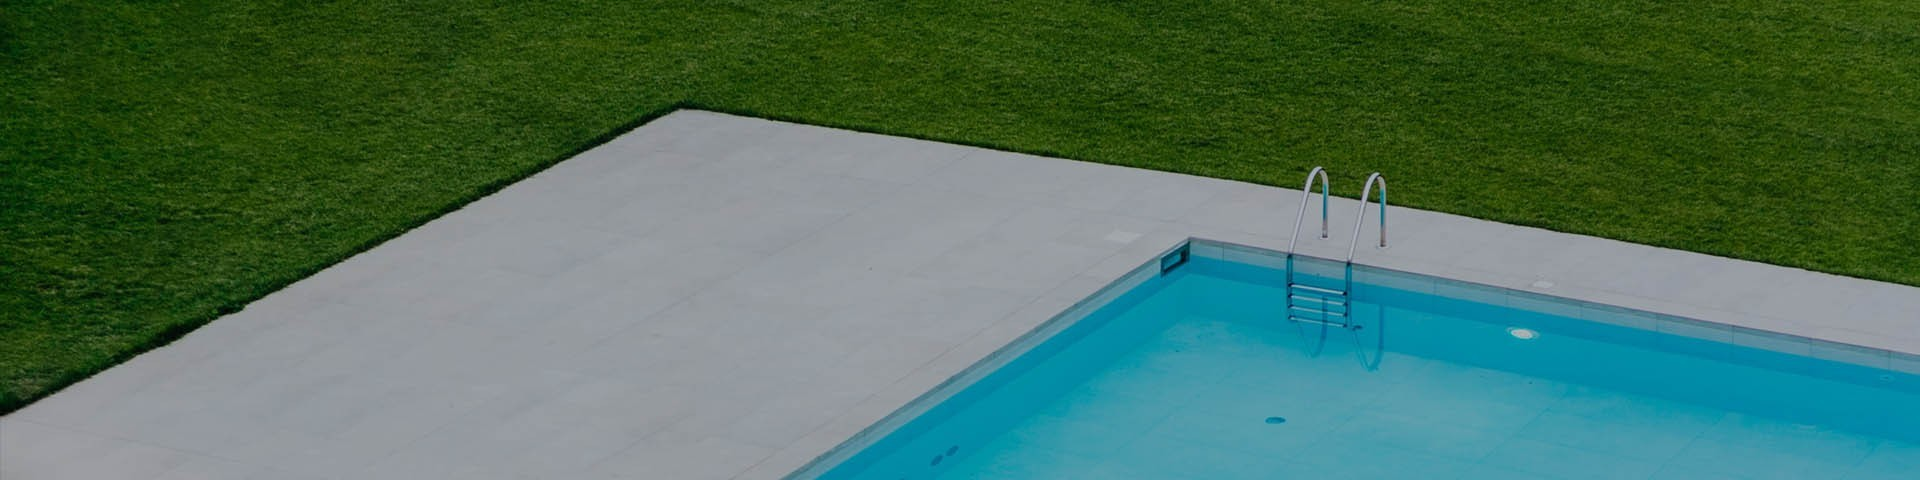 Vente de gazons artificiels pour bords de piscine et jardins privés